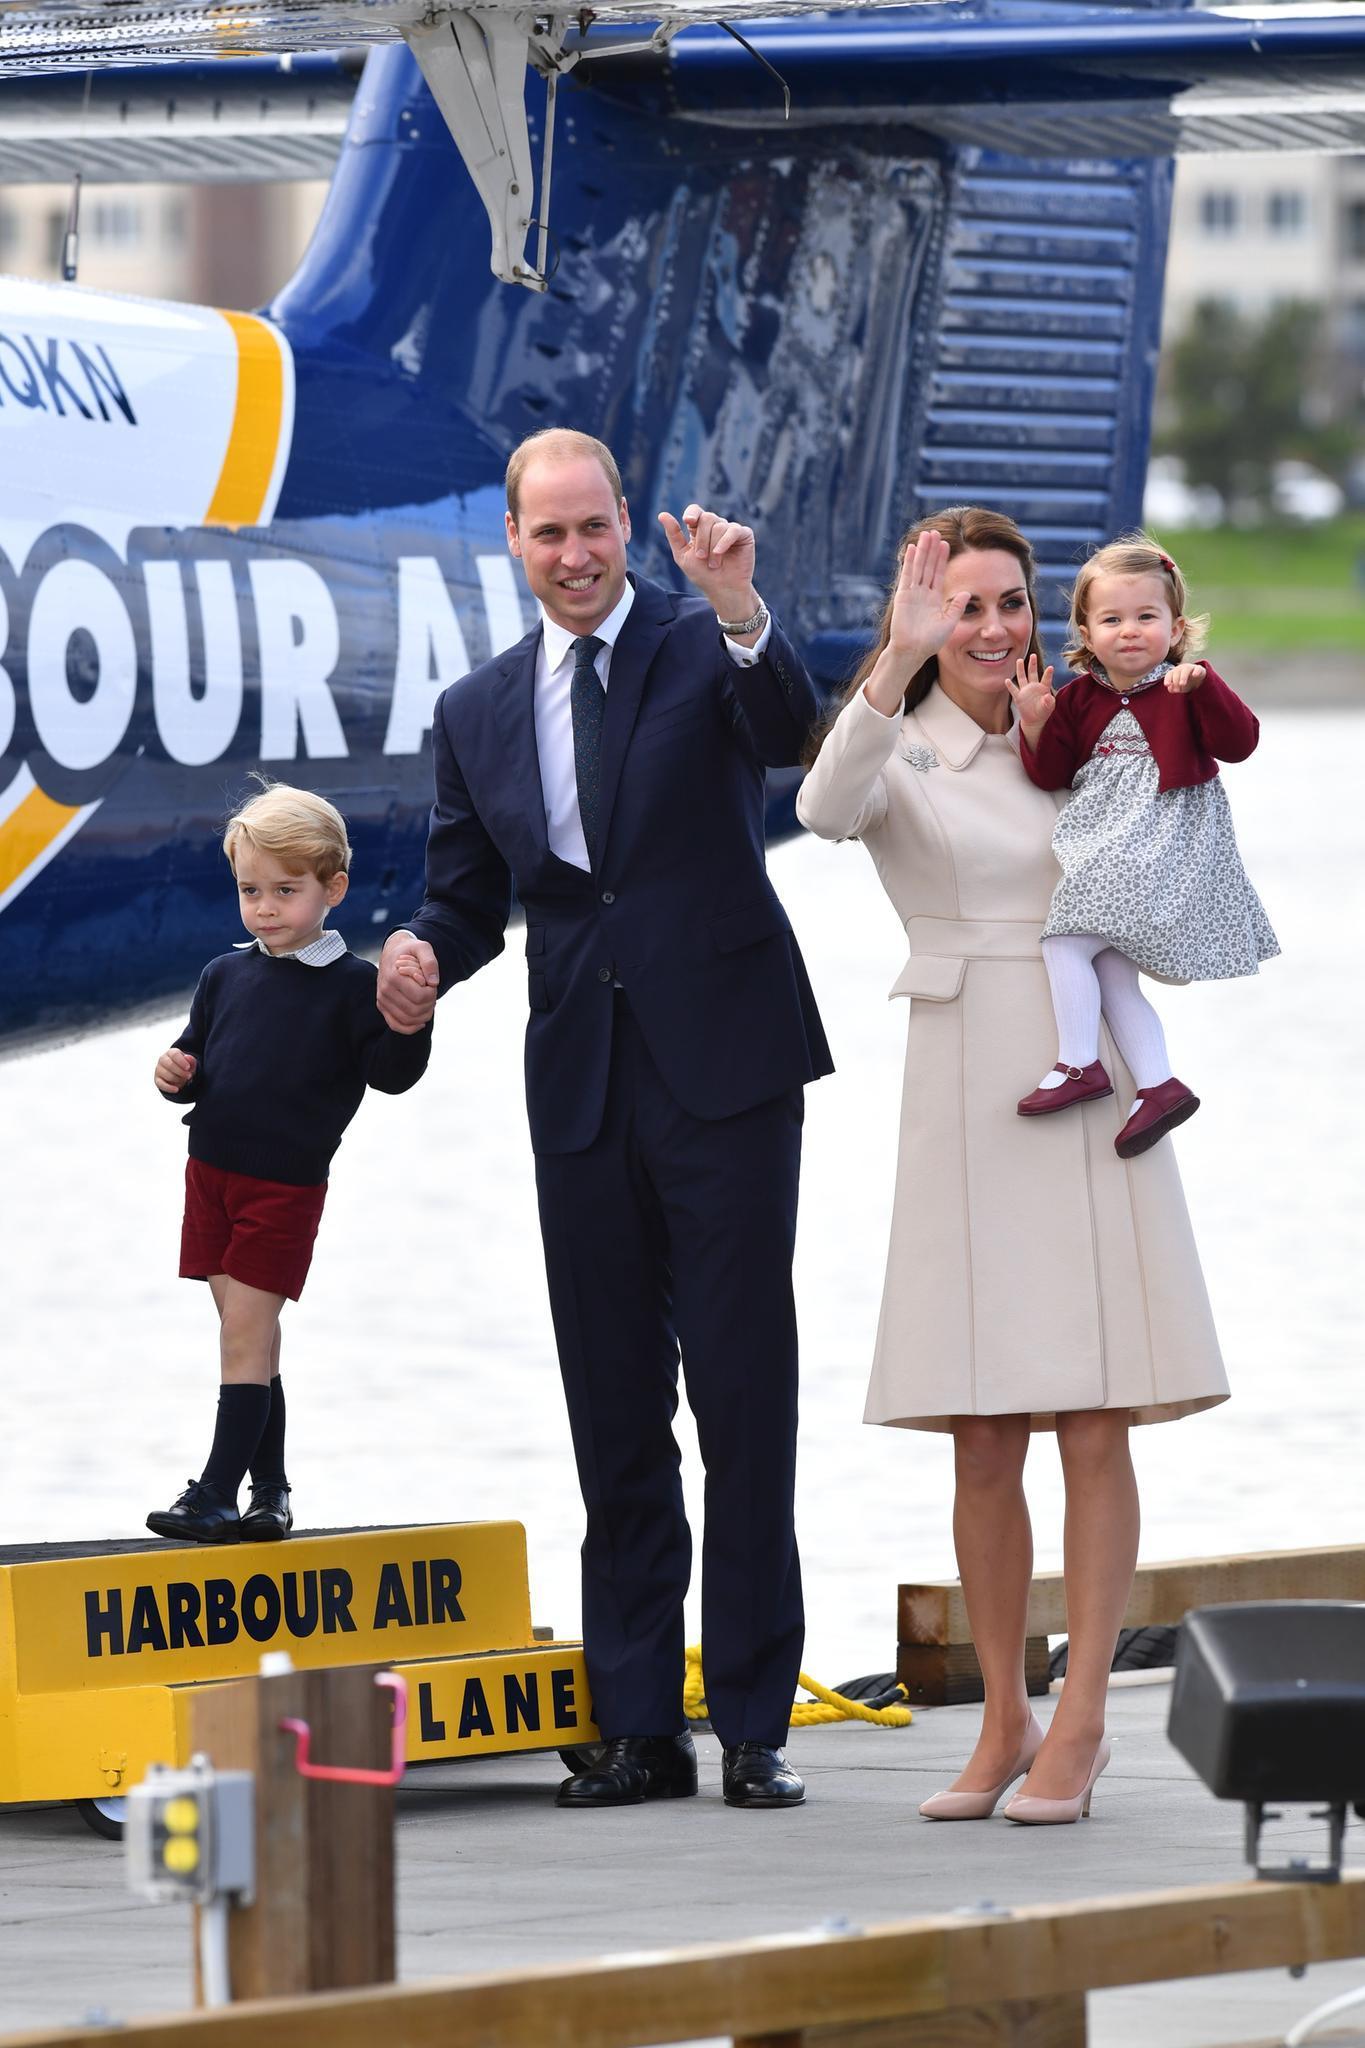 Die letzte große Reise führte Prinz George, Prinz William, Herzogin Catherine und Prinzessin Charlotte im Oktober 2016 nach Kanada.